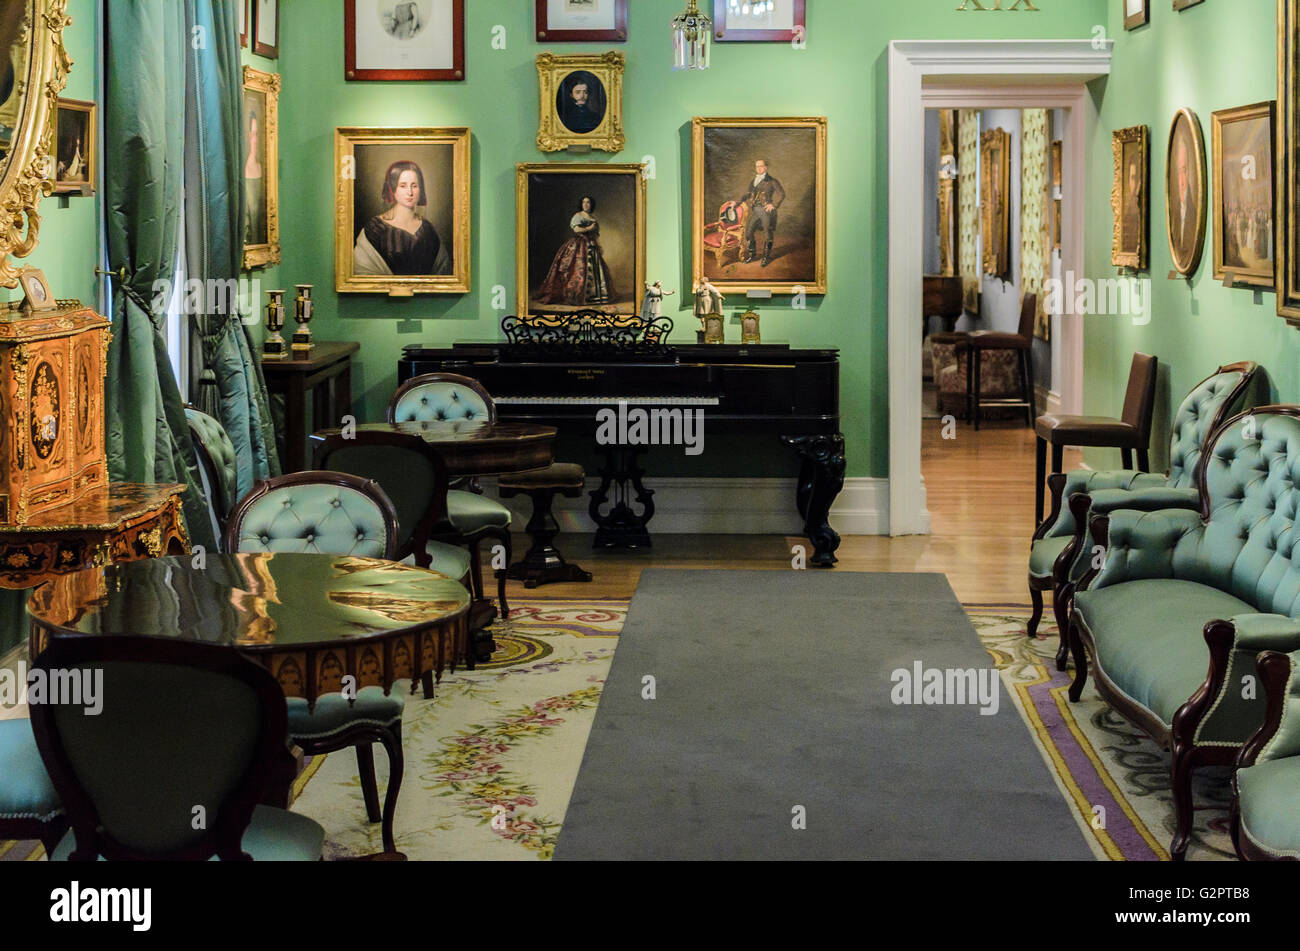 Madrid, Spanien, 2. Juni 2016.  Drinnen sehen Sie mit einer Lounge des Romantik-Museums in Madrid, Spanien. Enrique Stockbild